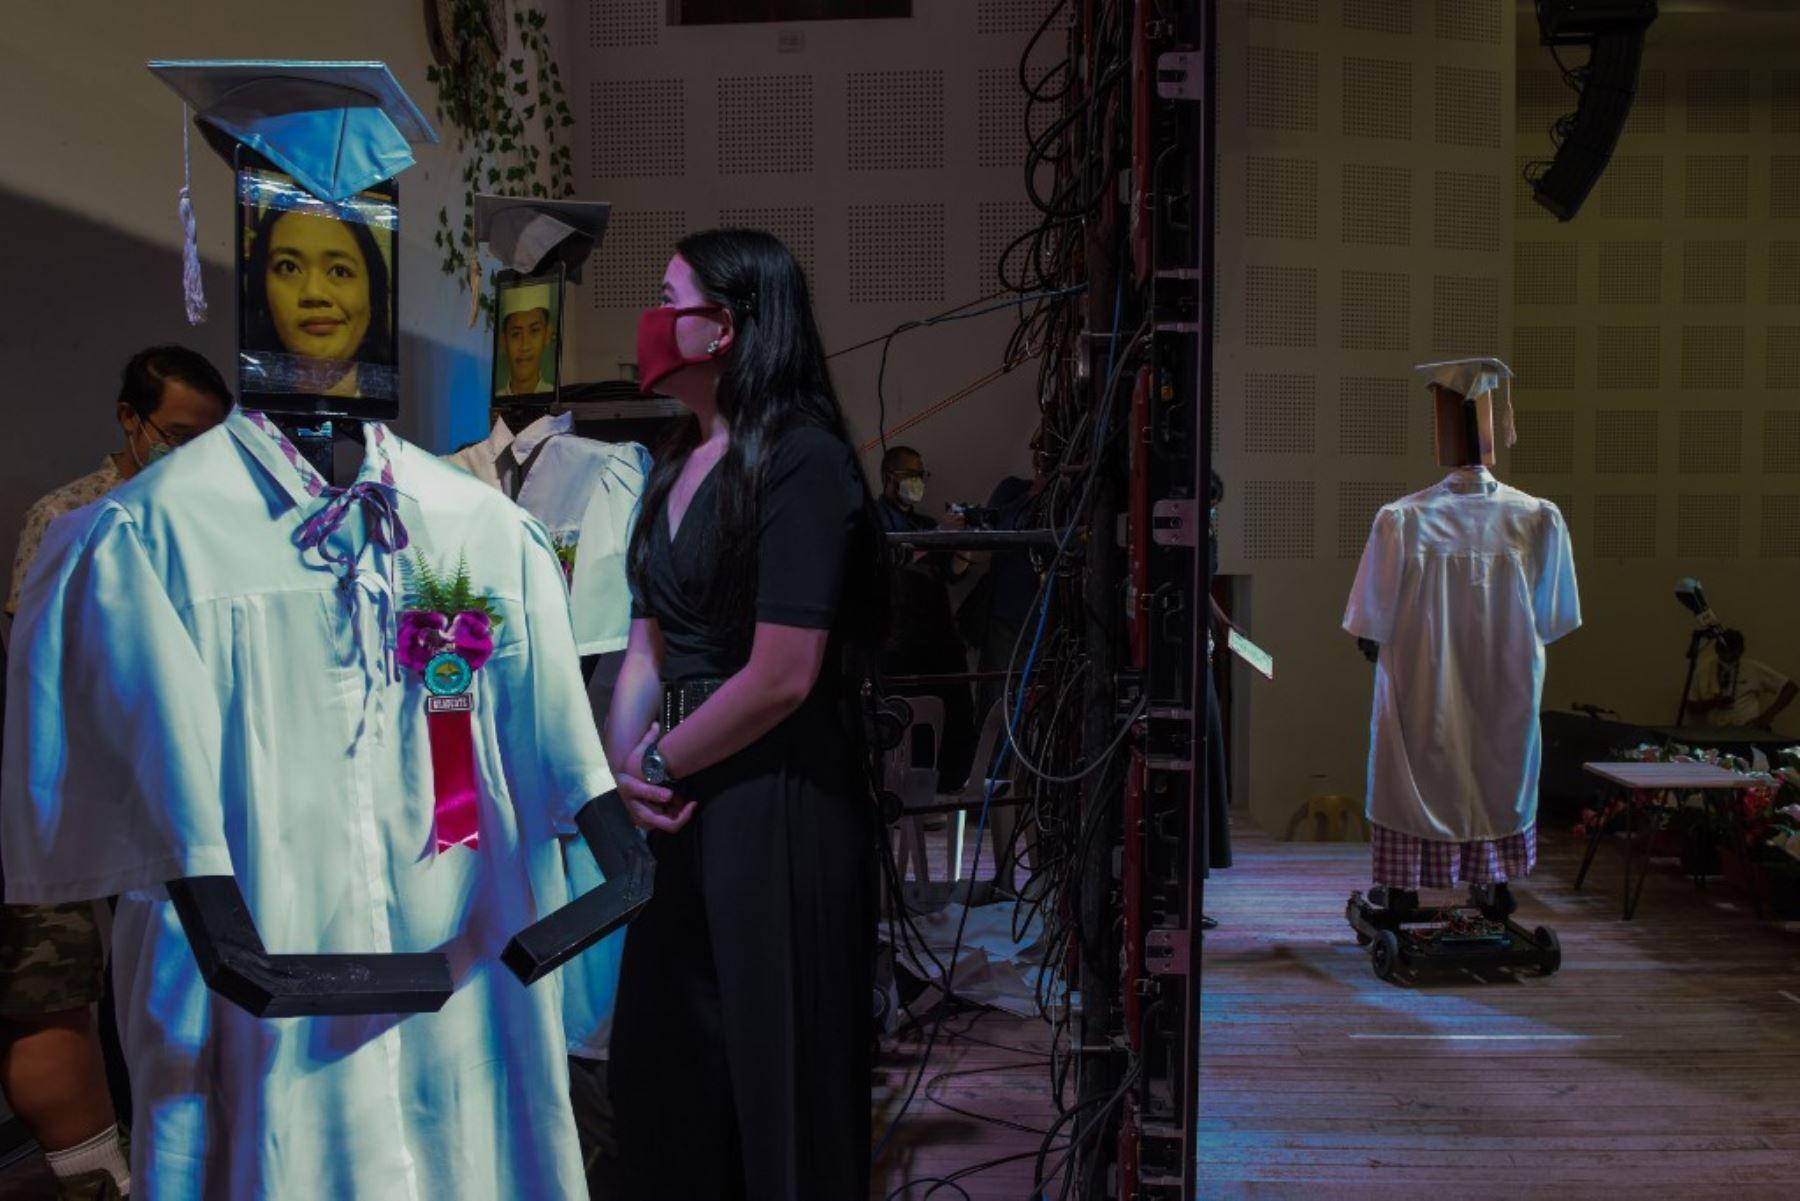 """Los robots, con las imágenes de los estudiantes graduados que se muestran en tabletas, se alinean para subir al escenario mientras se lleva a cabo la primera ceremonia de """"graduación cibernética"""" de una universidad de ciencia y tecnología debido a la prohibición de reuniones masivas durante el brote de coronavirus COVID-19 en Manila, Filipinas. Foto: AFP"""